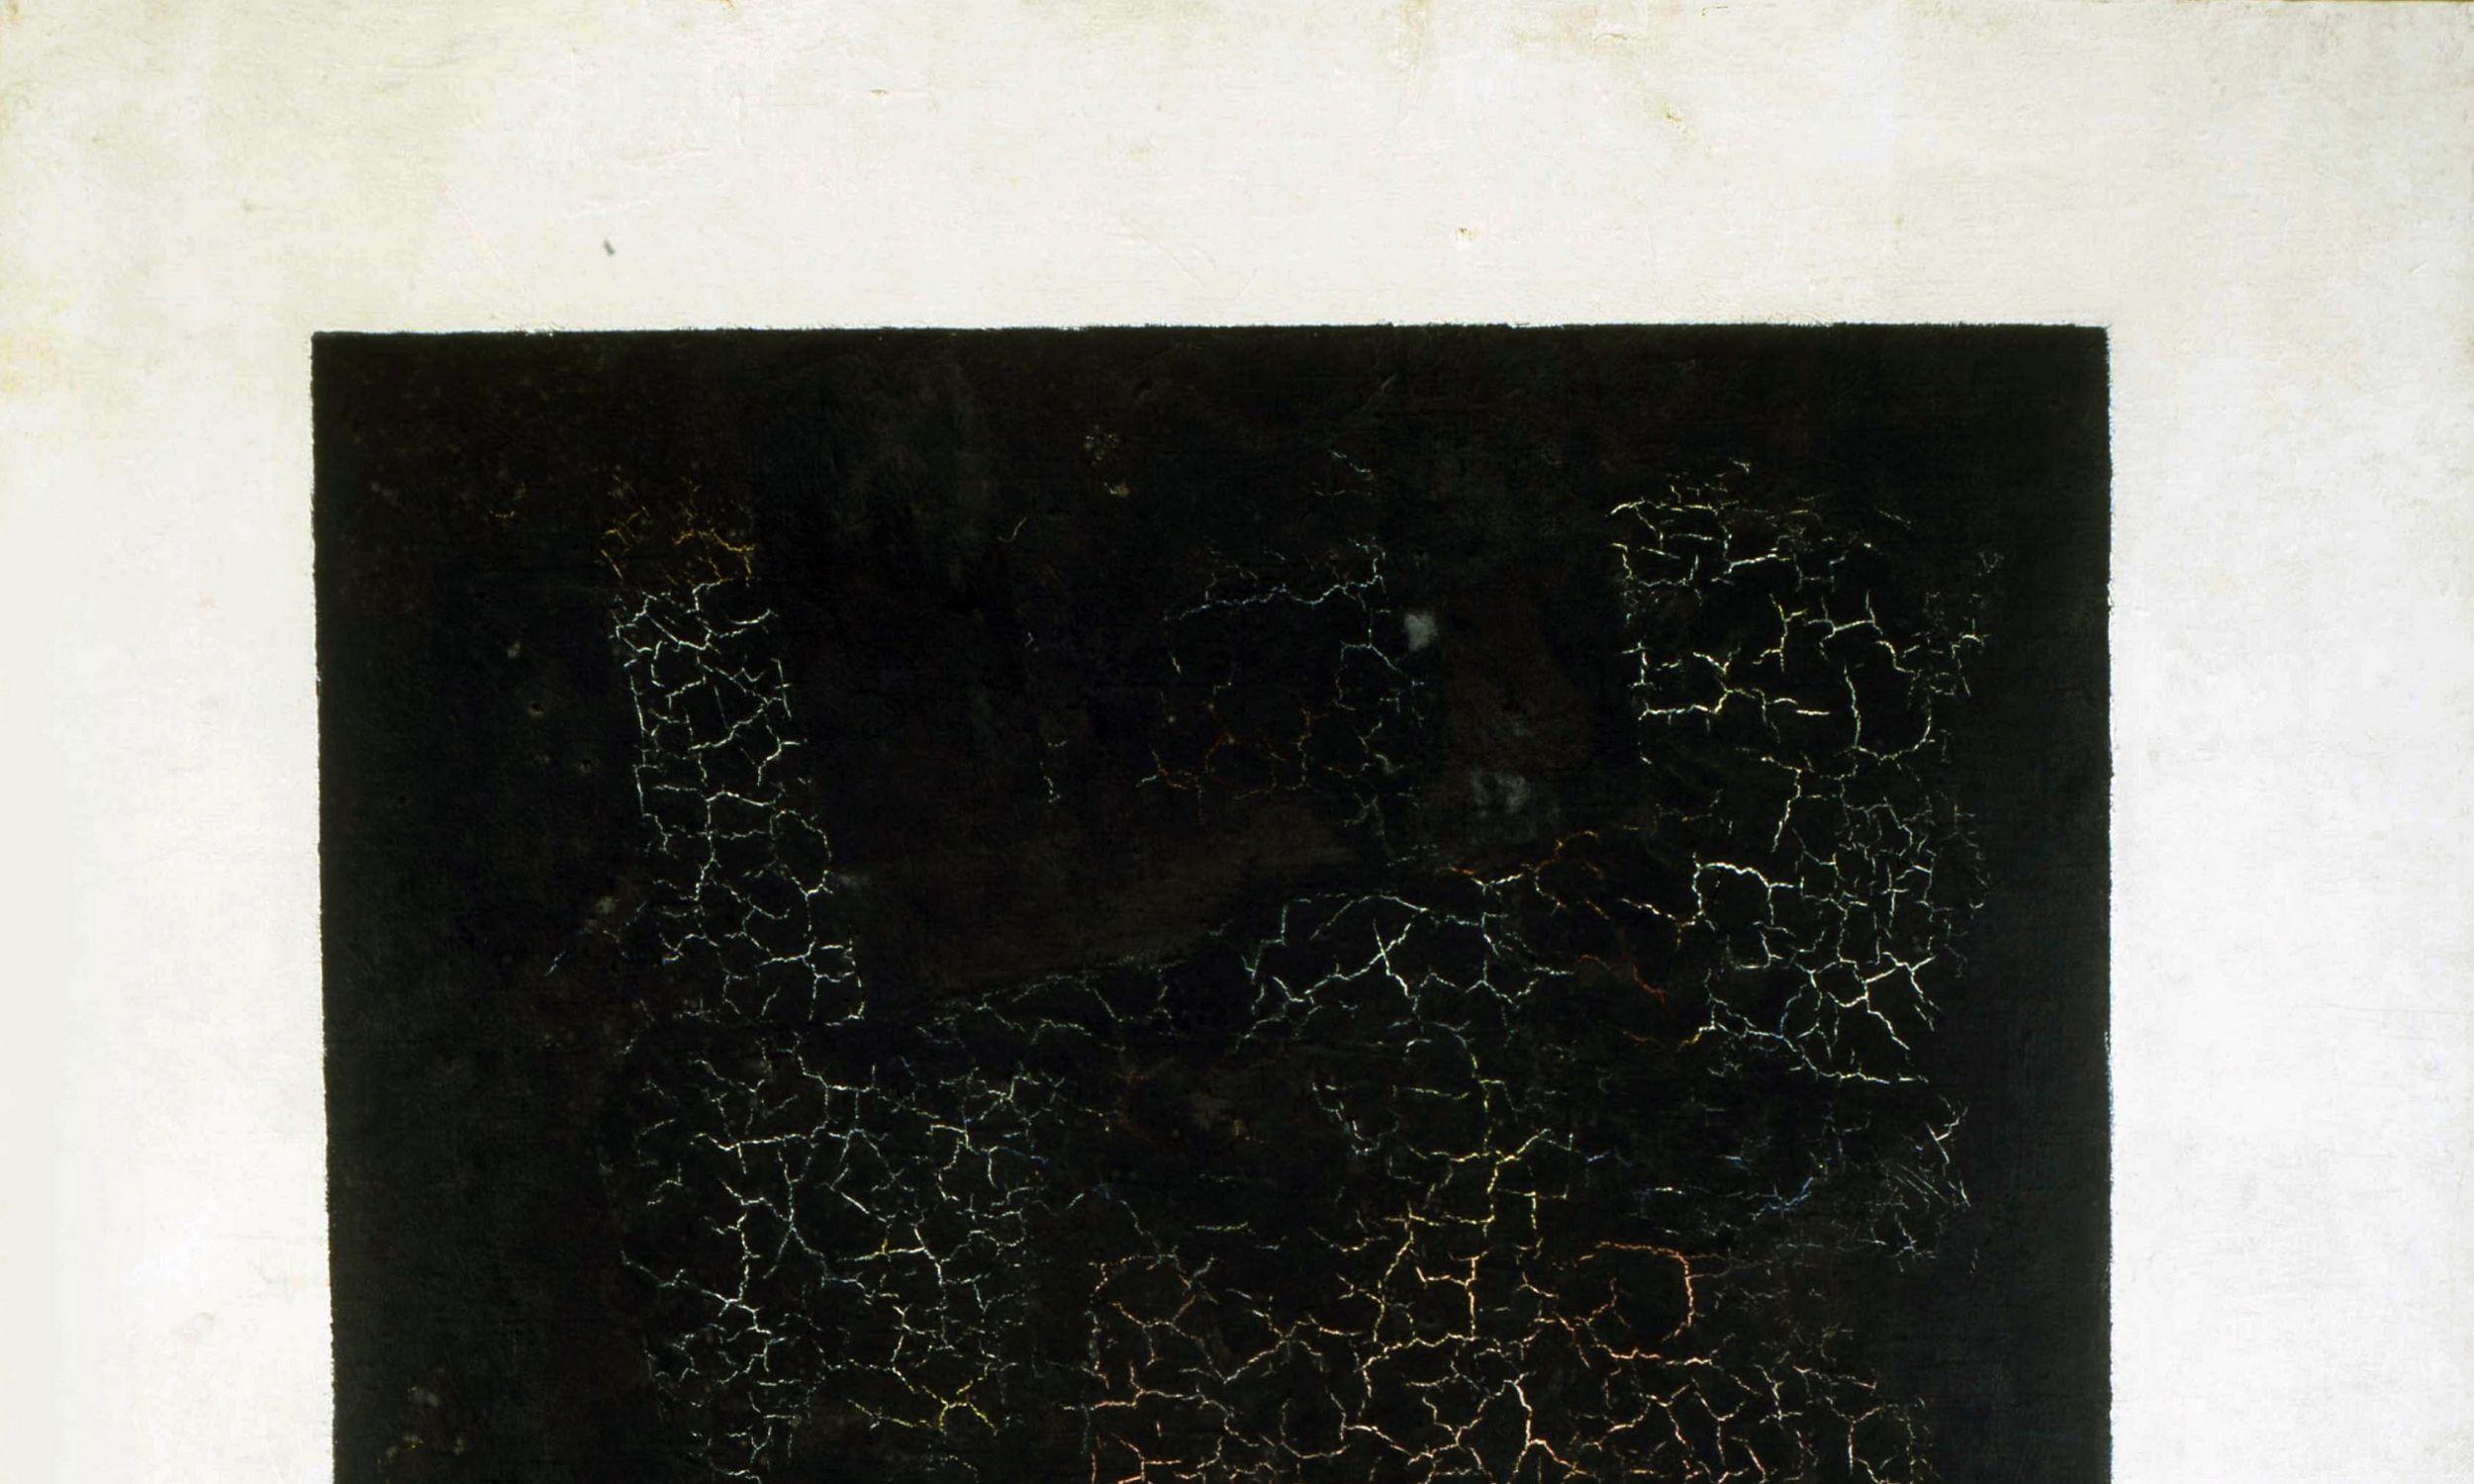 """Kompozycje suprematyczne składały się z elementarnych form geometrycznych: kwadratu, prostokąta, koła, linii prostej i krzyża. Pierwszą i najważniejszą kompozycją Kazimierza Malewicza był """"Czarny kwadrat na białym tle"""", który nazwał """"atomem malarstwa"""", czyli jednostką podstawową. Usiłował bowiem pokazać najmniejszą jednostkę w sztuce. Na zdjęciu """"Czarny kwadrat"""" w kolekcji Państwowego Muzeum Rosyjskiego w Petersburgu. Fot. Fine Art Images / Heritage Images / Getty Images"""